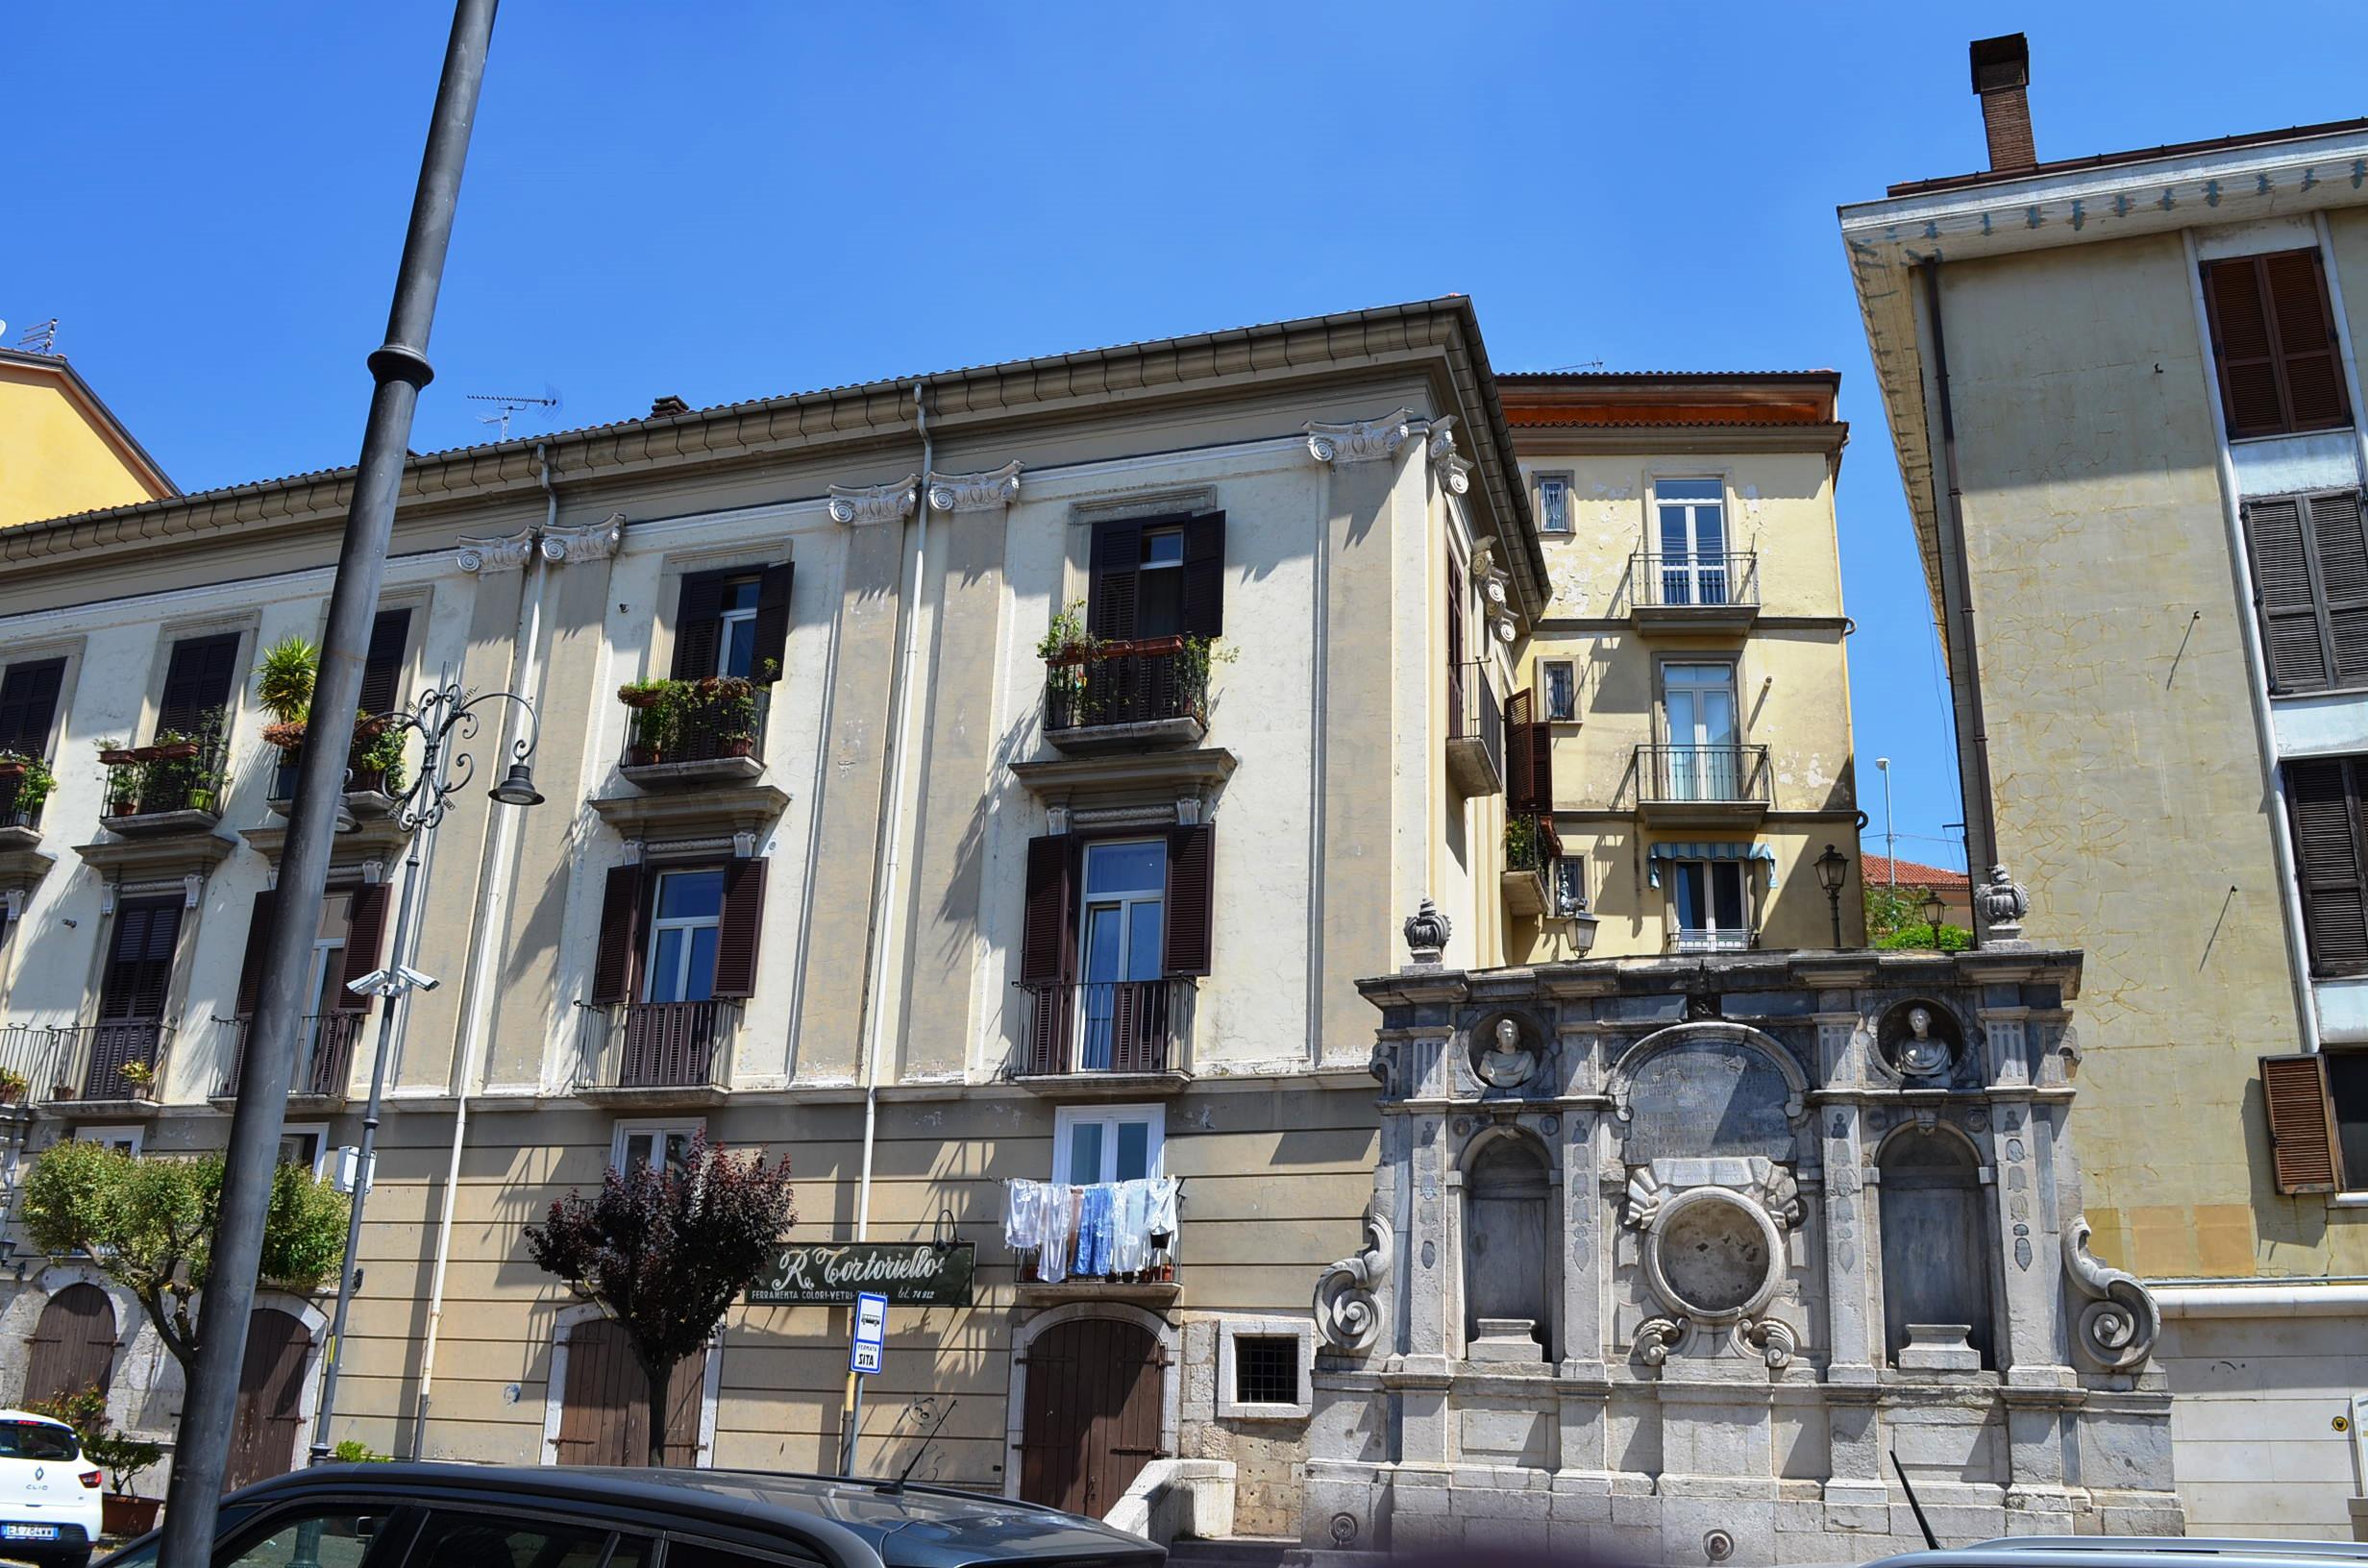 Appartamento zona Duomo 3 vani con sottotetto